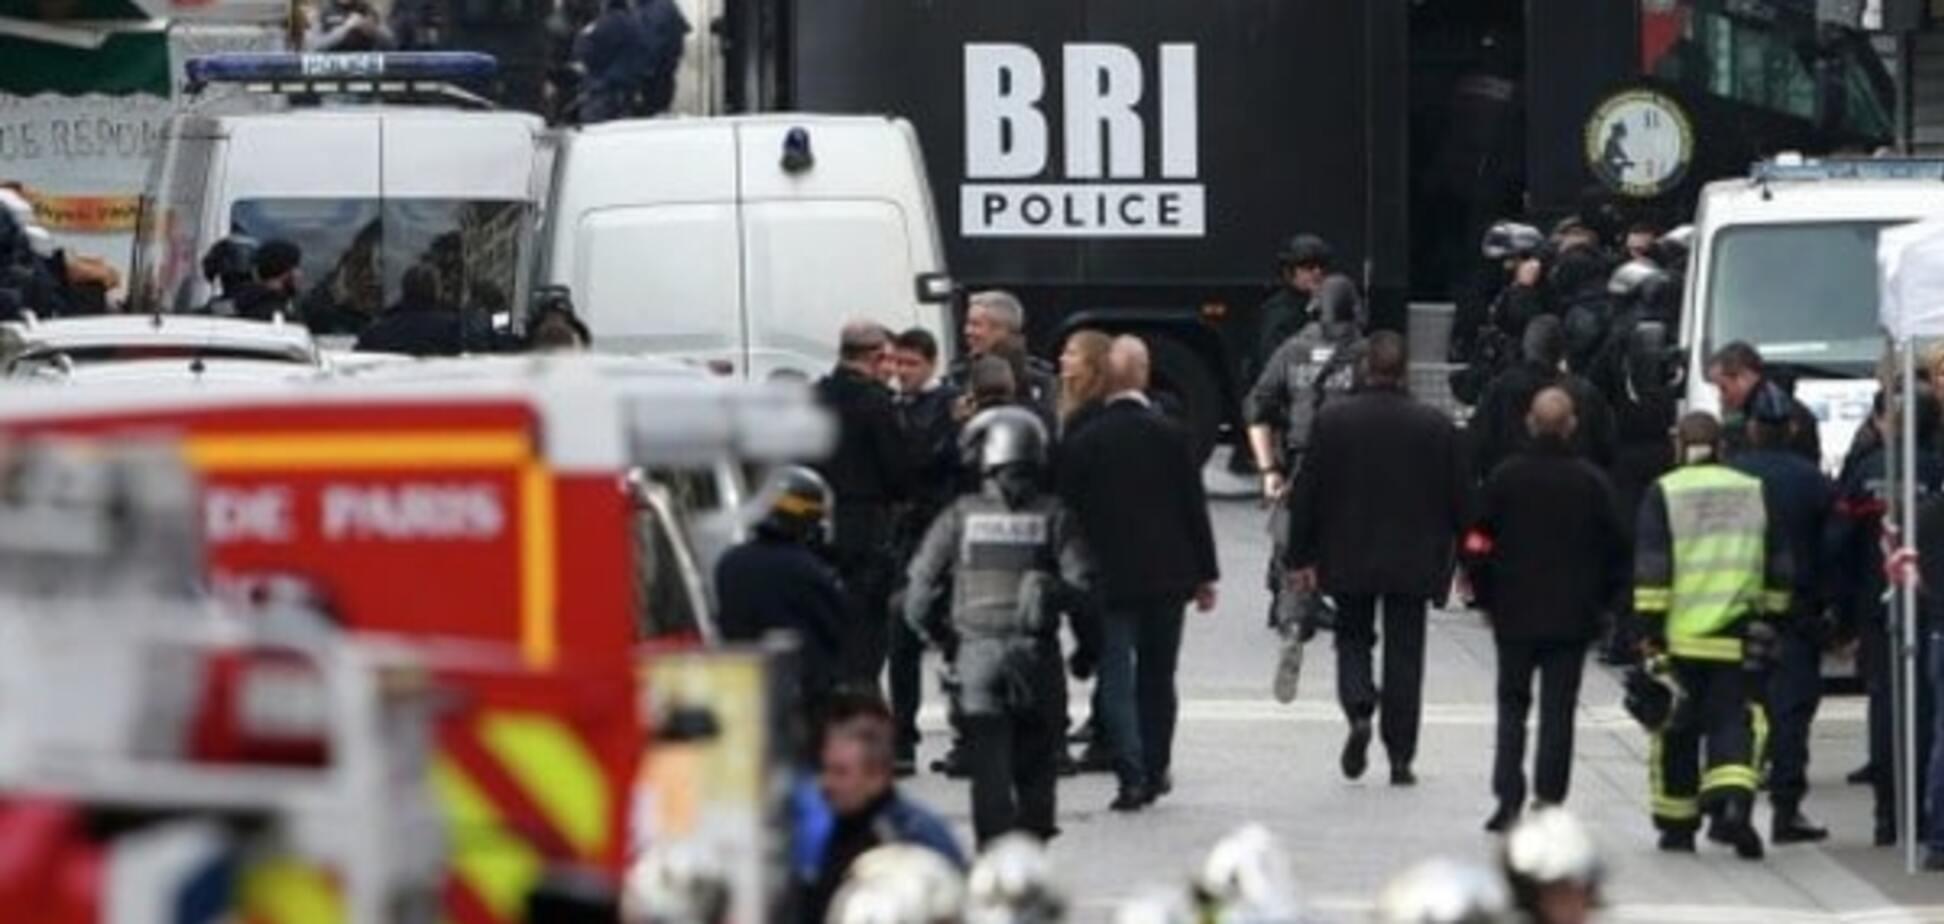 Організатор терактів у Парижі прибув у ЄС як біженець - ЗМІ